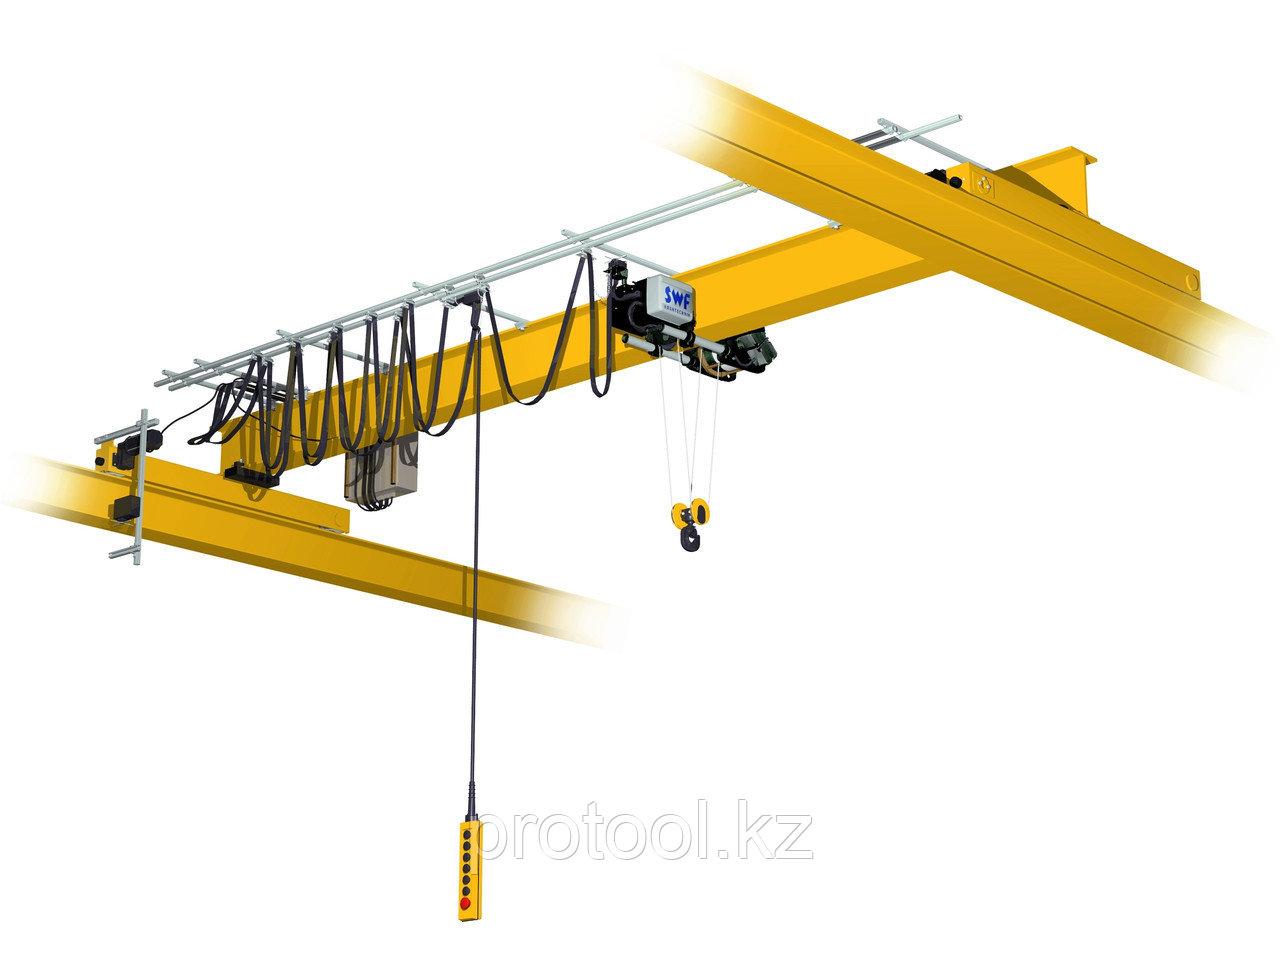 Кран мостовой однобалочный опорный однопролётный г/п 1 т пролет 10,5 м